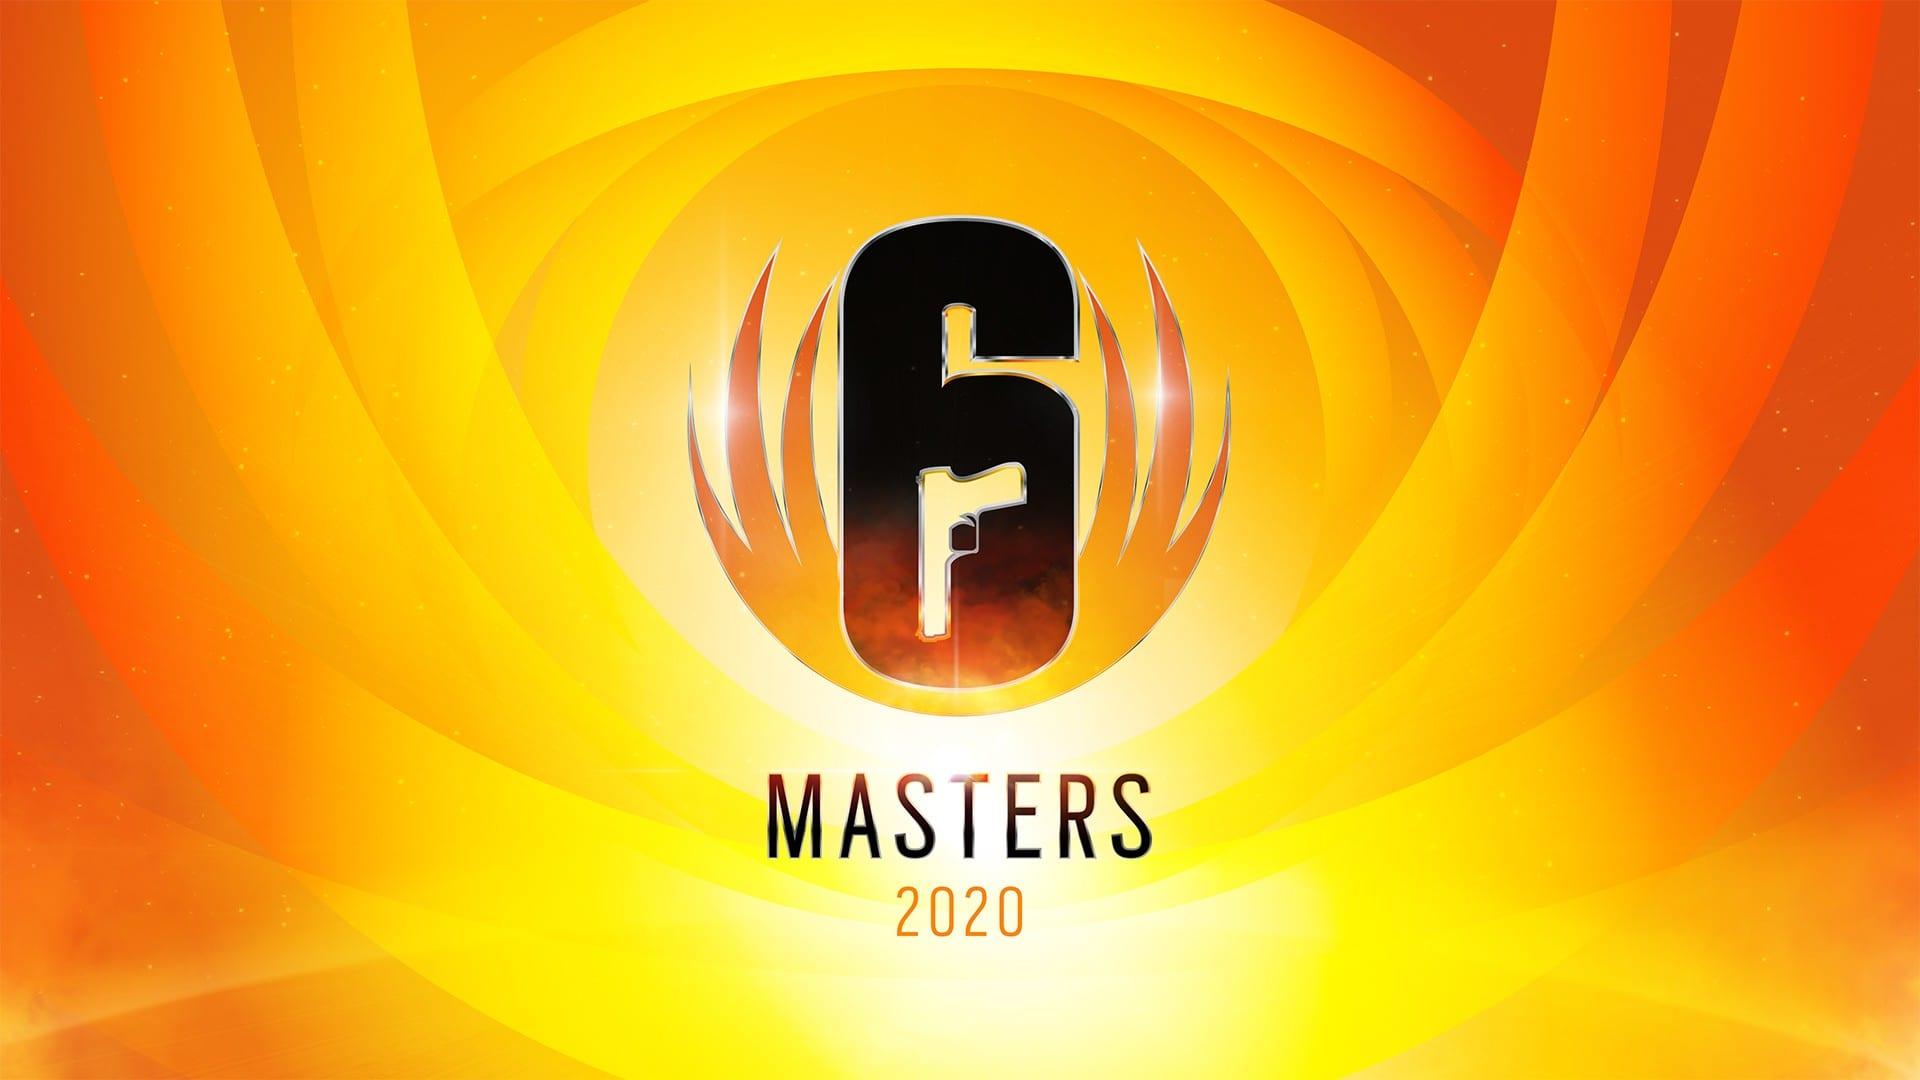 Ubisoft Announces Six Masters 2020 Finalists